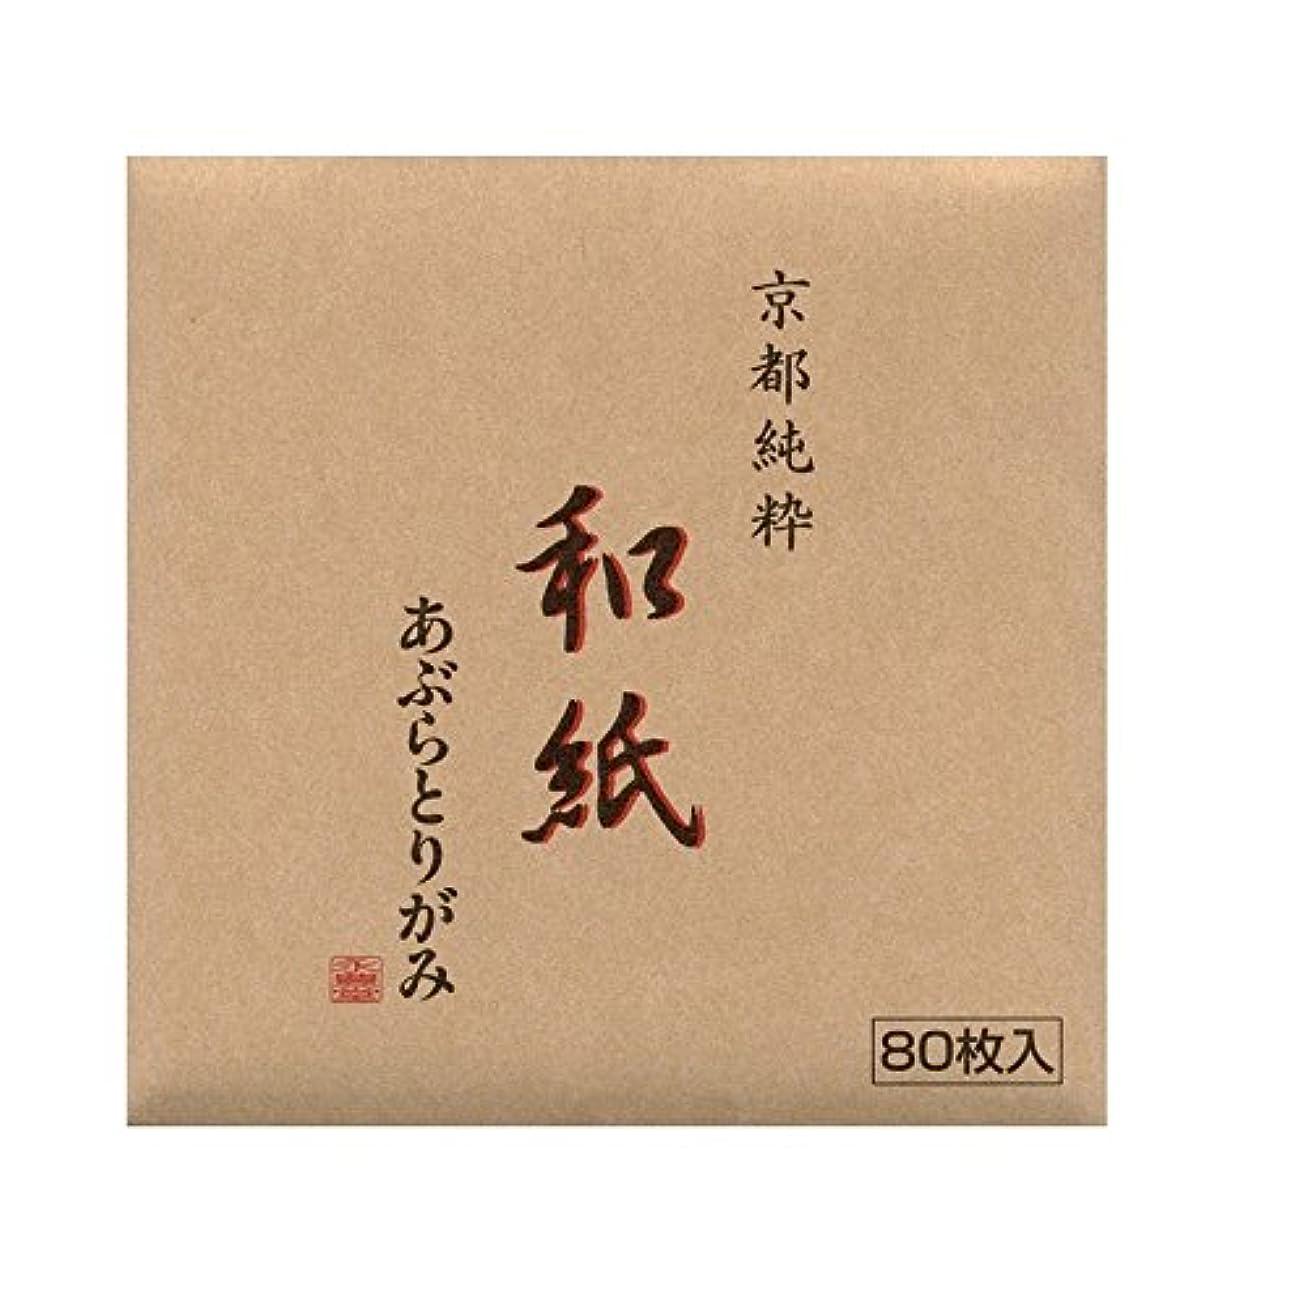 解体する何故なの暫定永豊堂 京都純粋和紙あぶらとりがみ 80枚入り W-450(大)